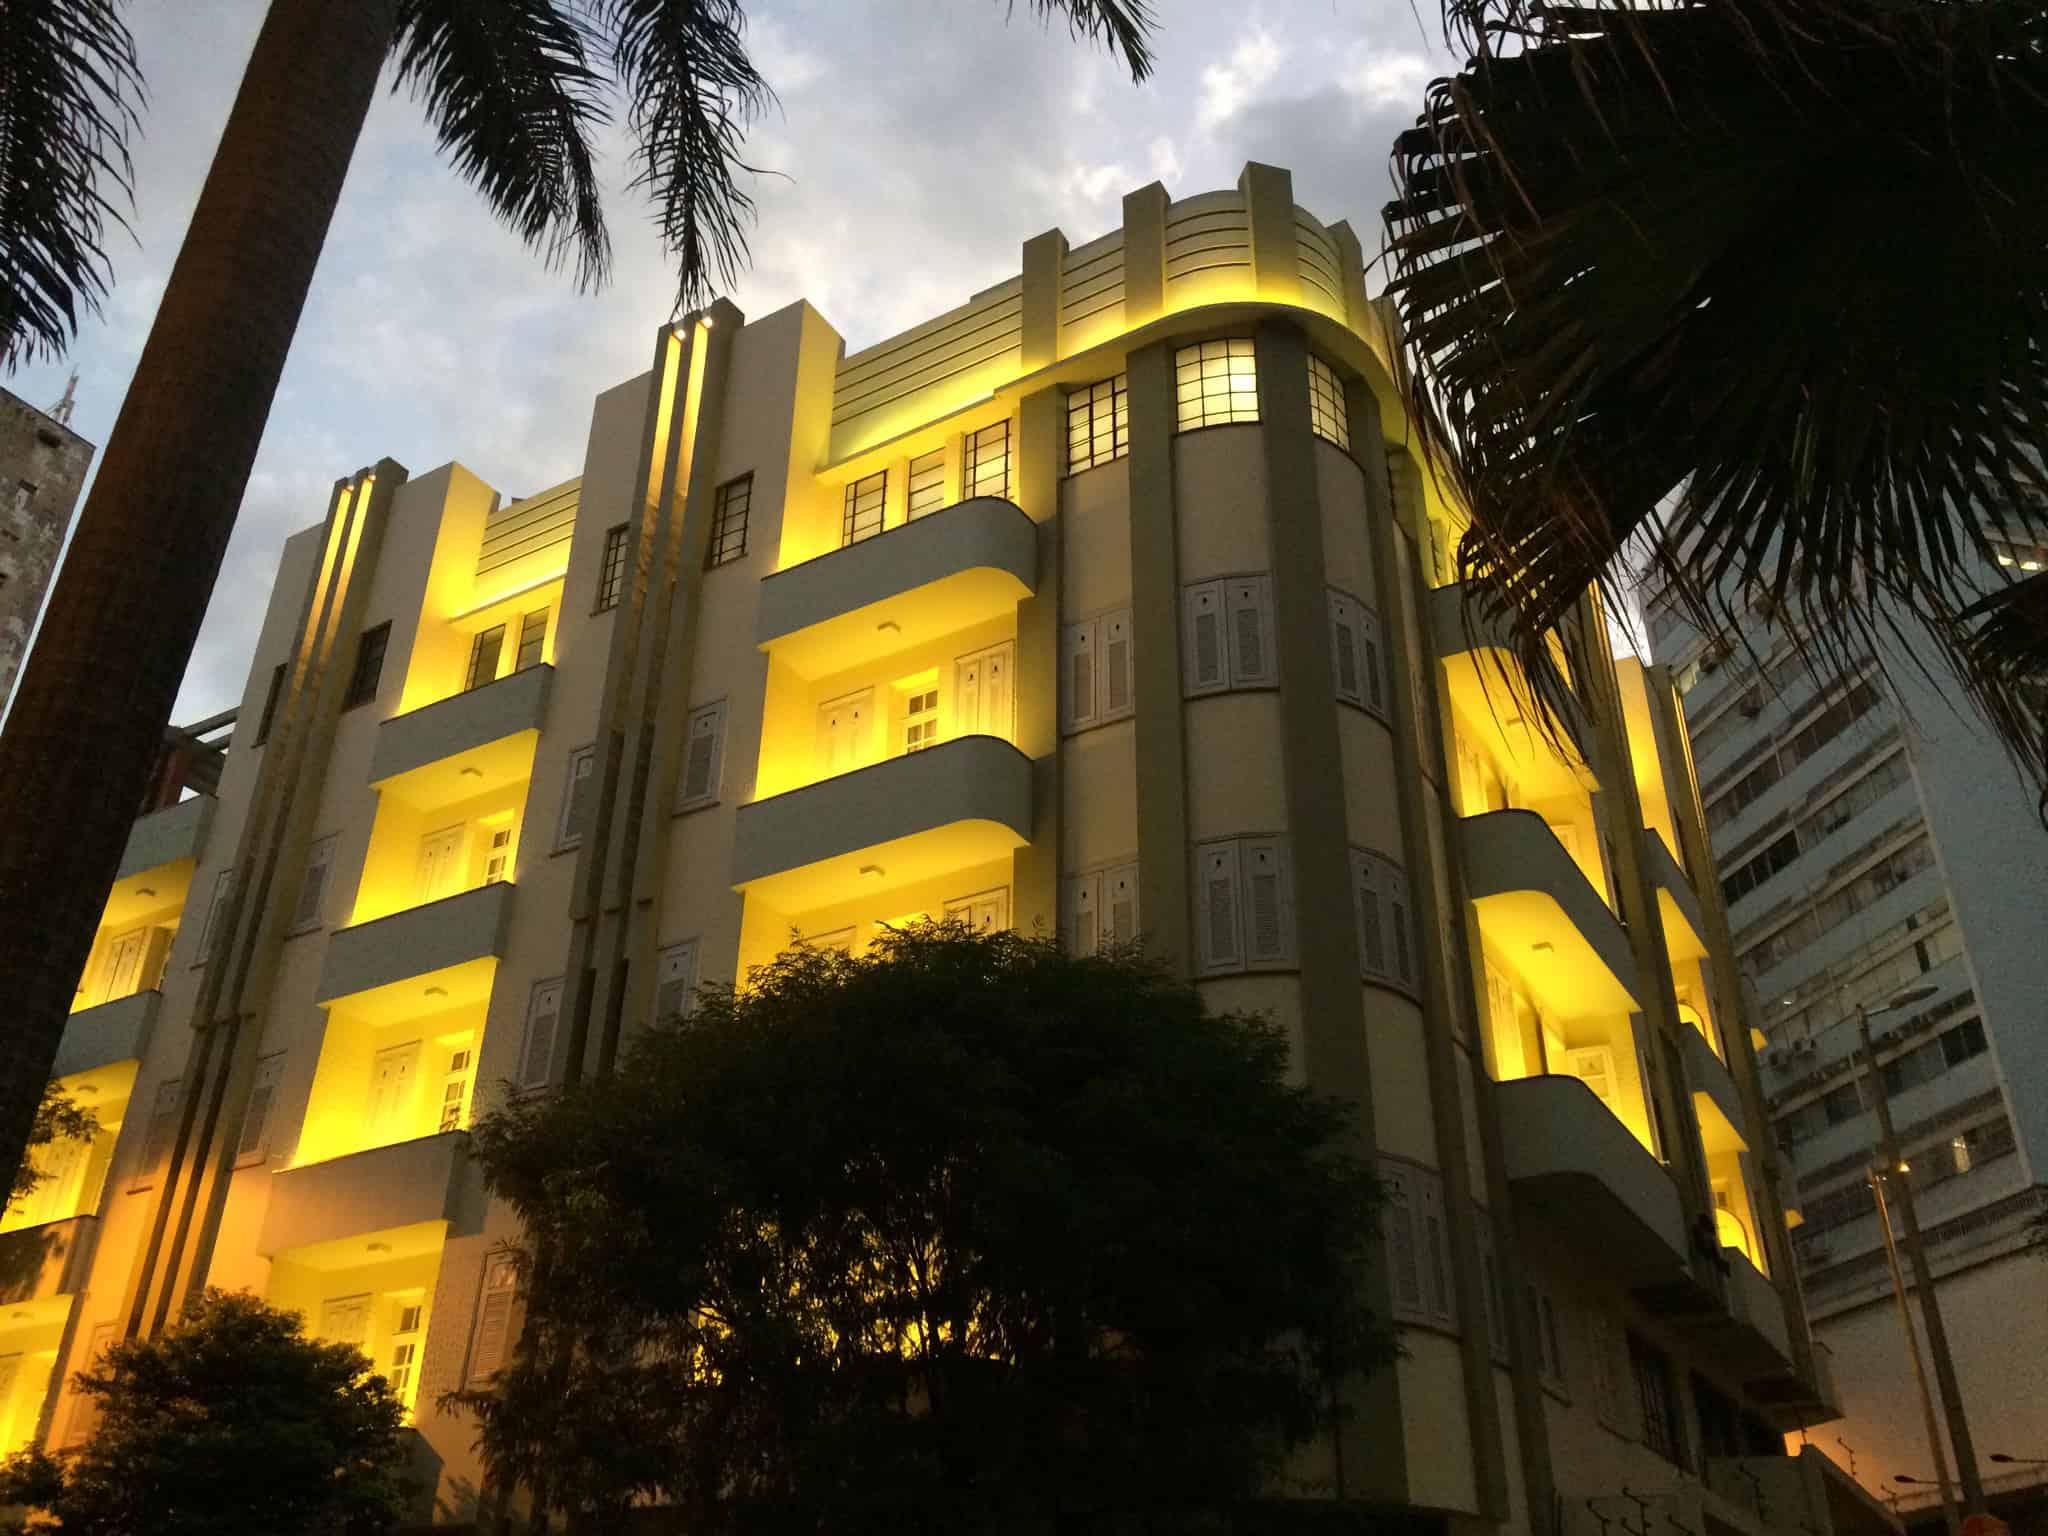 03 ideia para iluminar fachada de um edificio